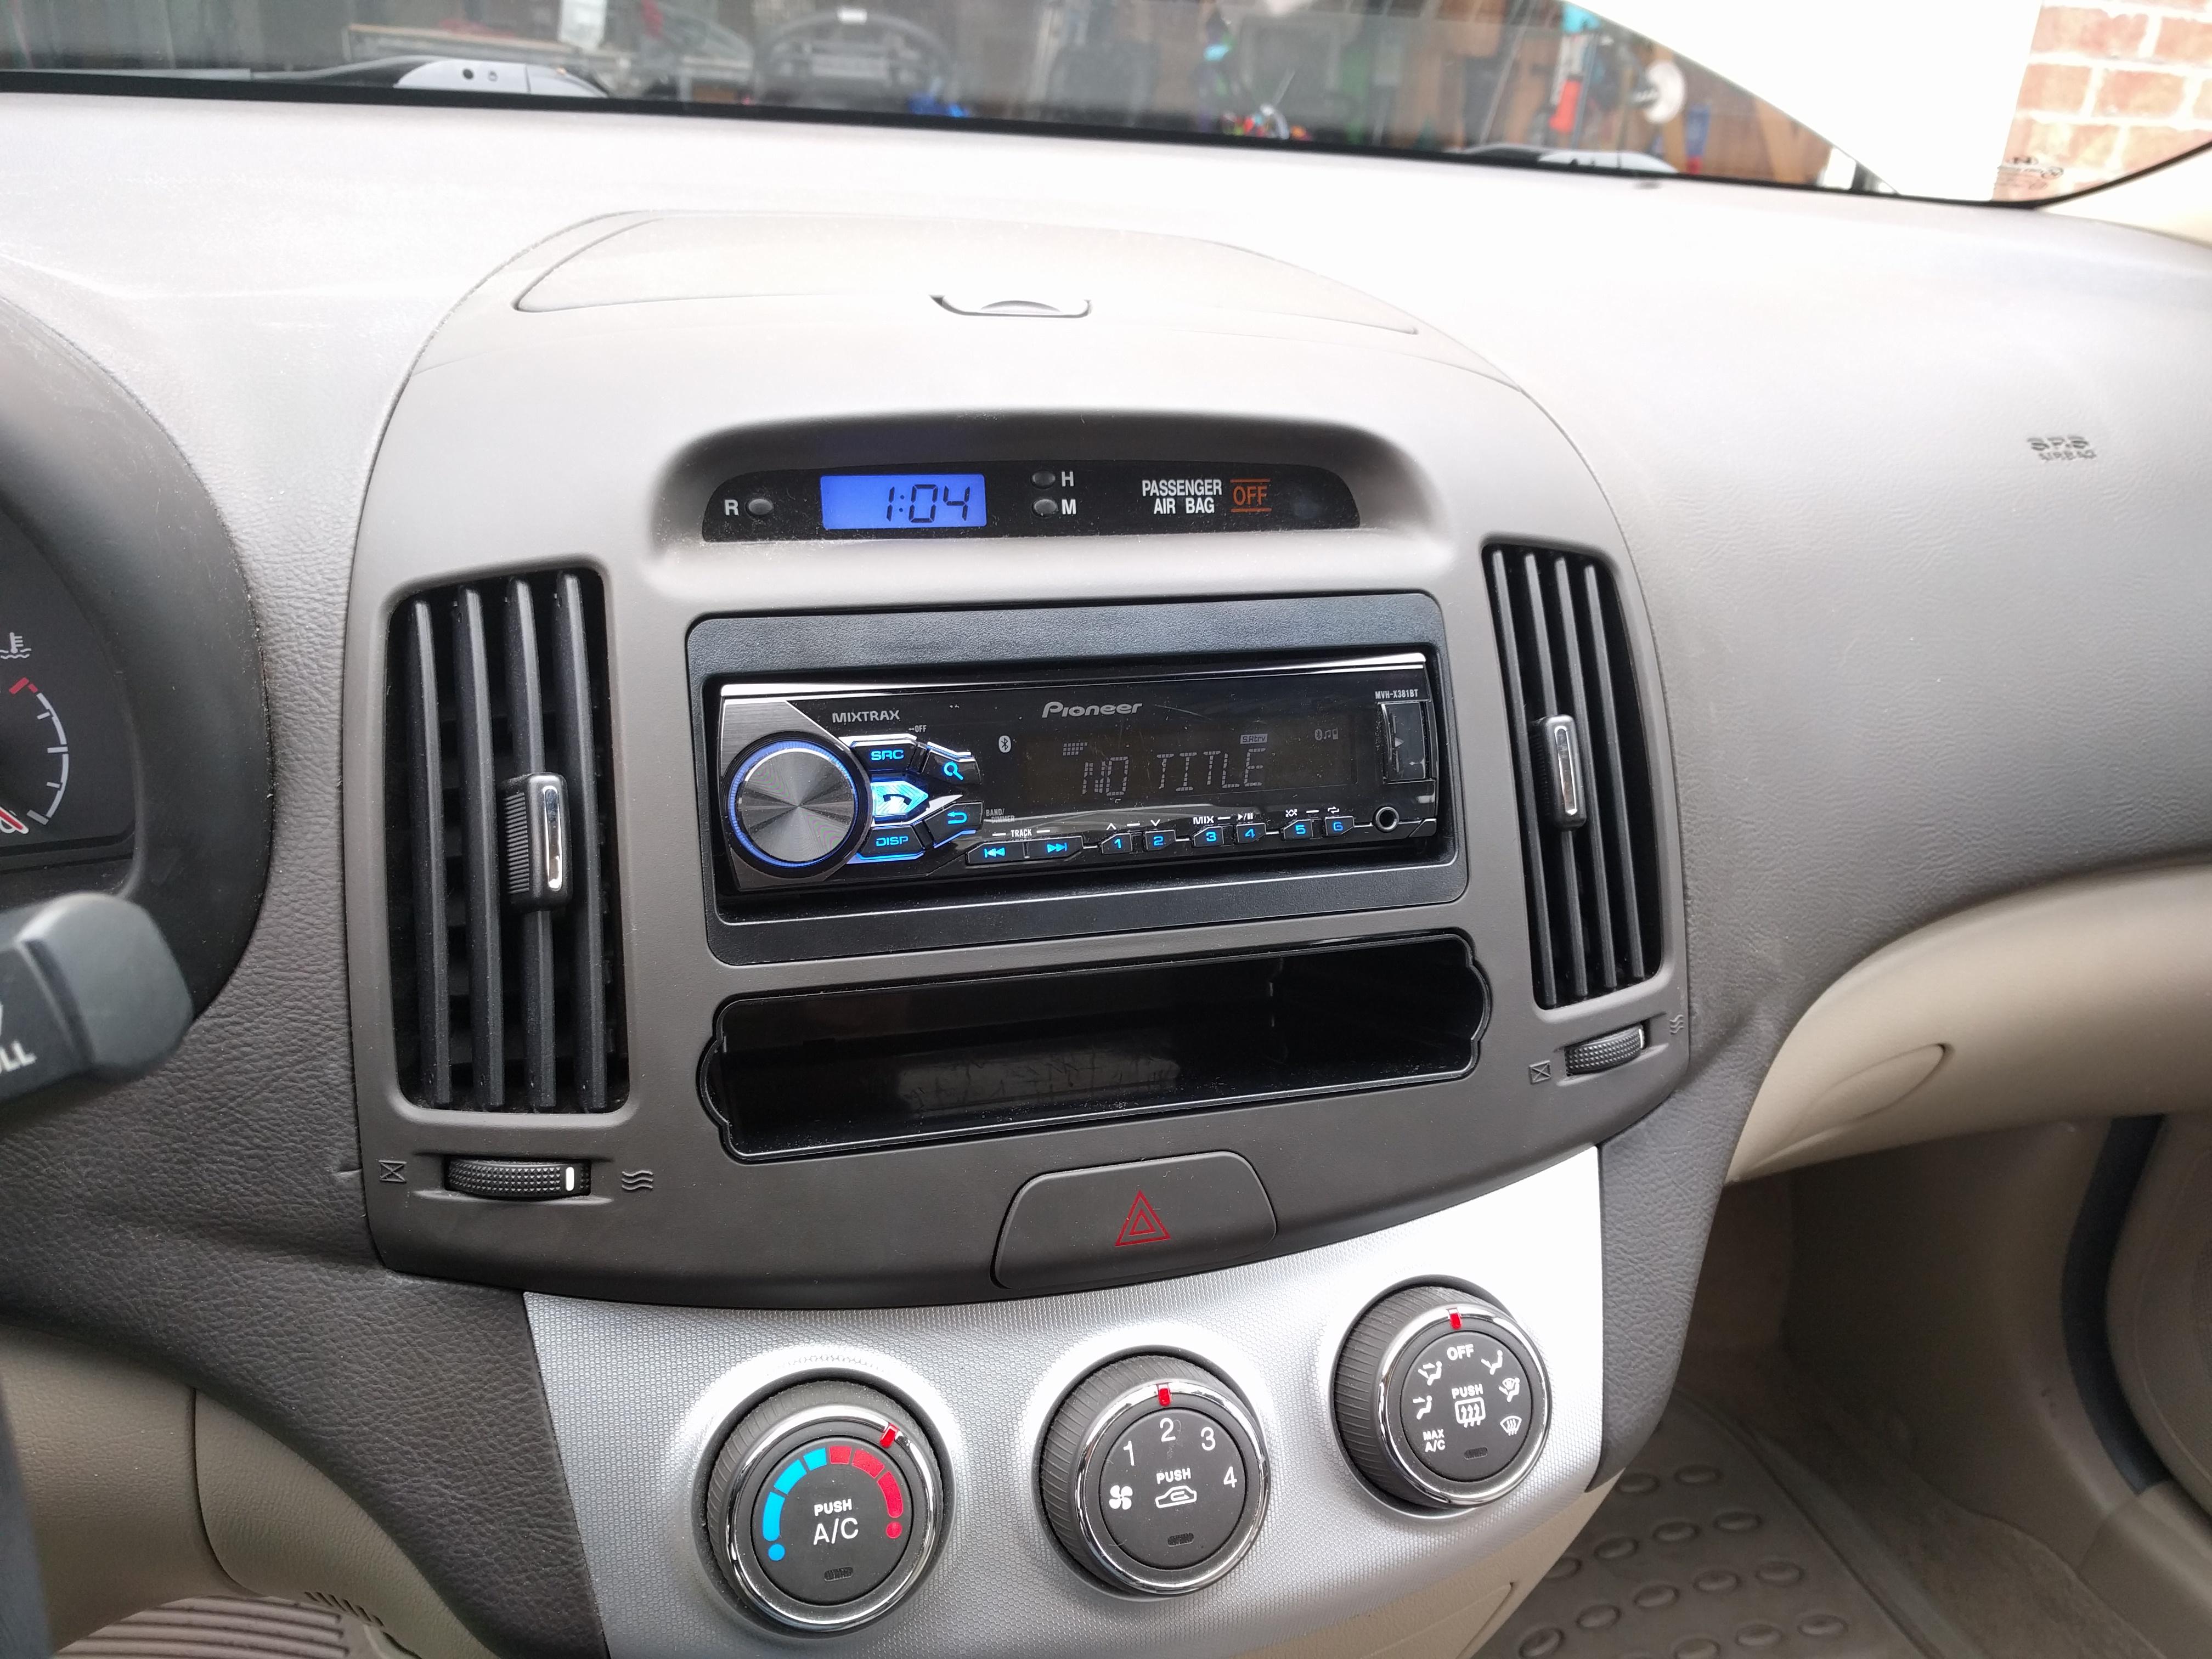 2007 hyundai accent radio wiring diagram trigeminal nerve 2009 stereo